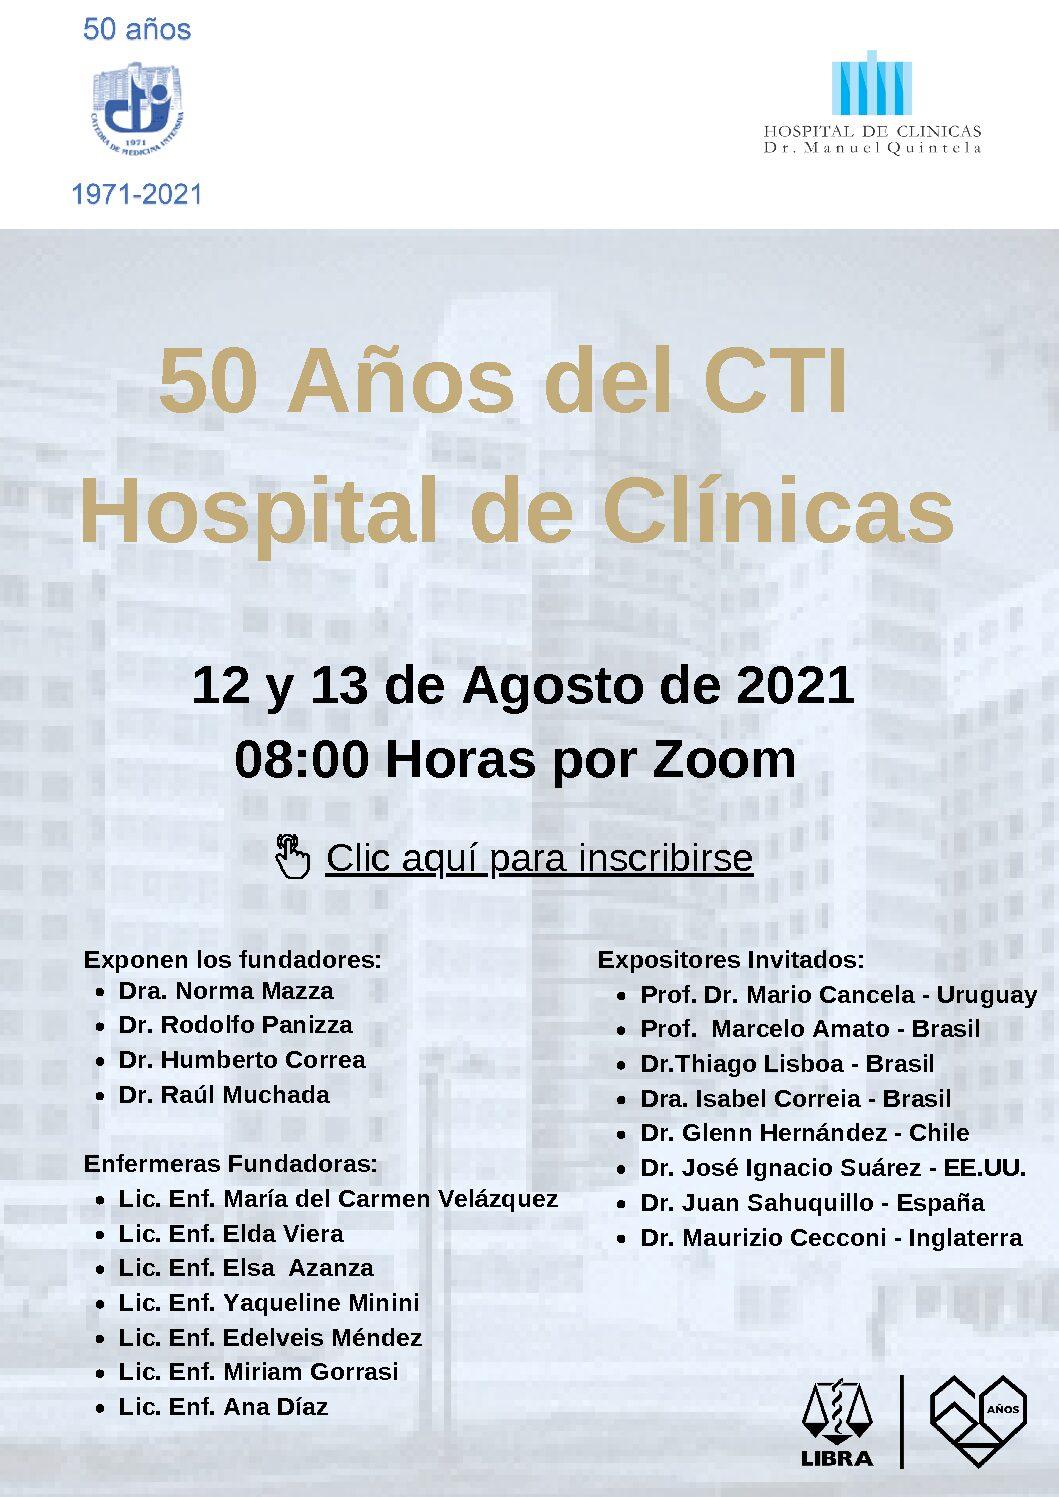 50 Años del CTI Hospital de Clínicas (2)